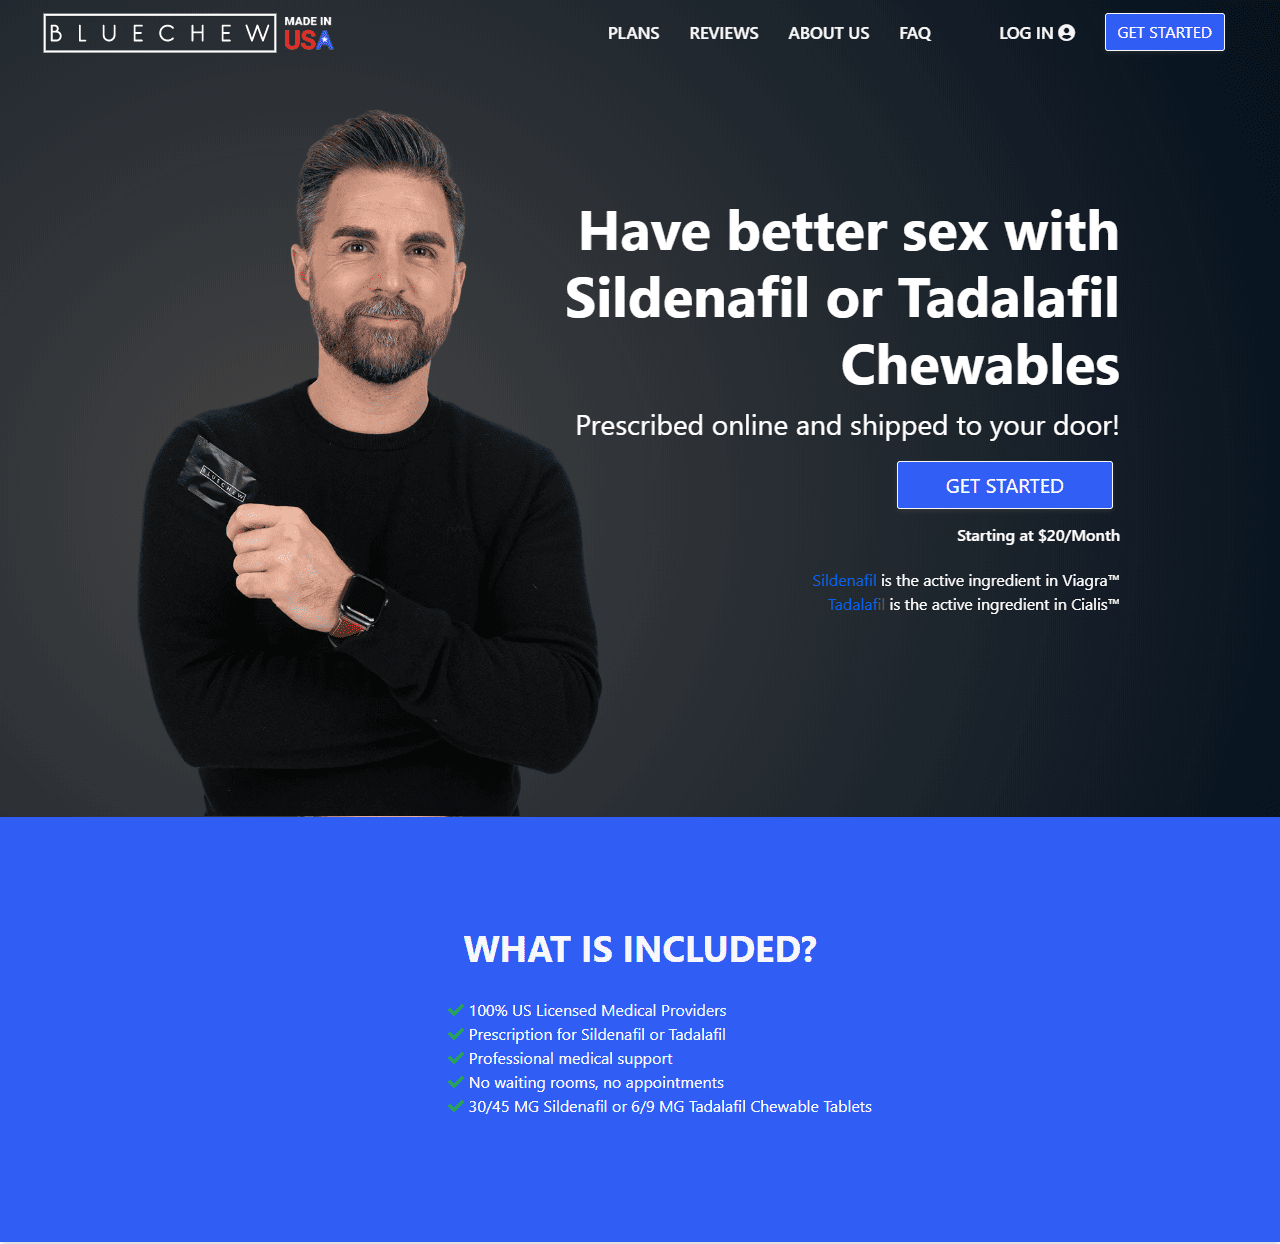 What is Bluechew